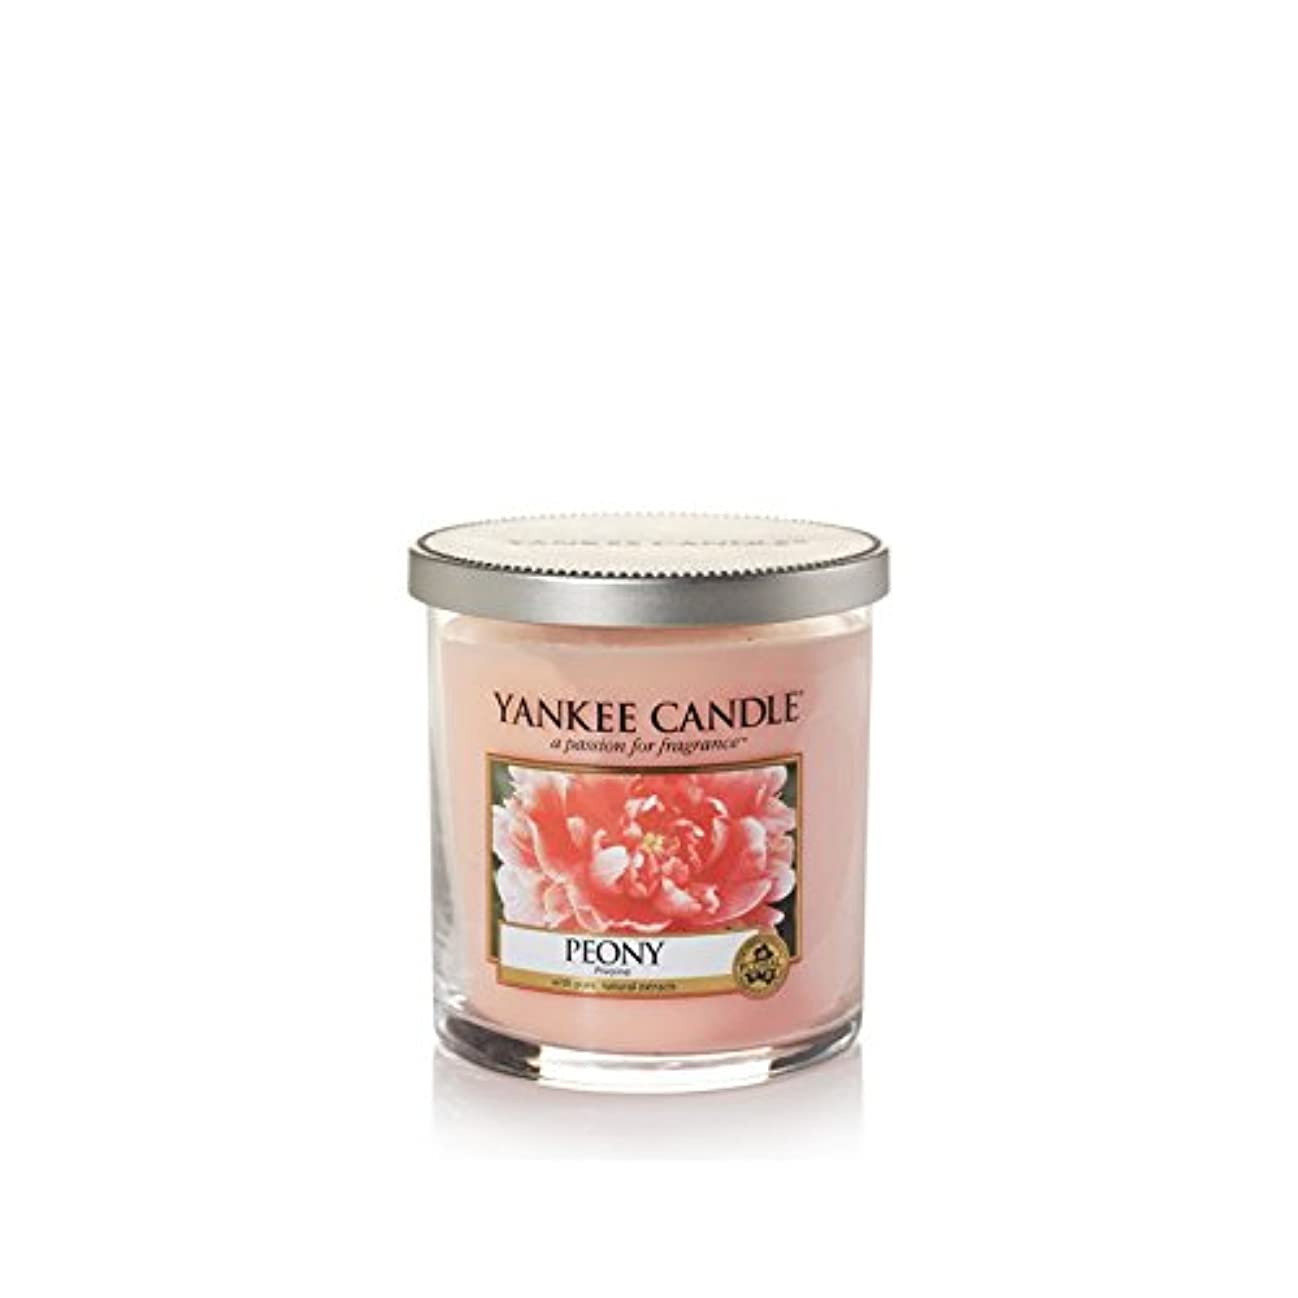 変形する外科医試験Yankee Candles Small Pillar Candle - Peony (Pack of 2) - ヤンキーキャンドルの小さな柱キャンドル - 牡丹 (x2) [並行輸入品]